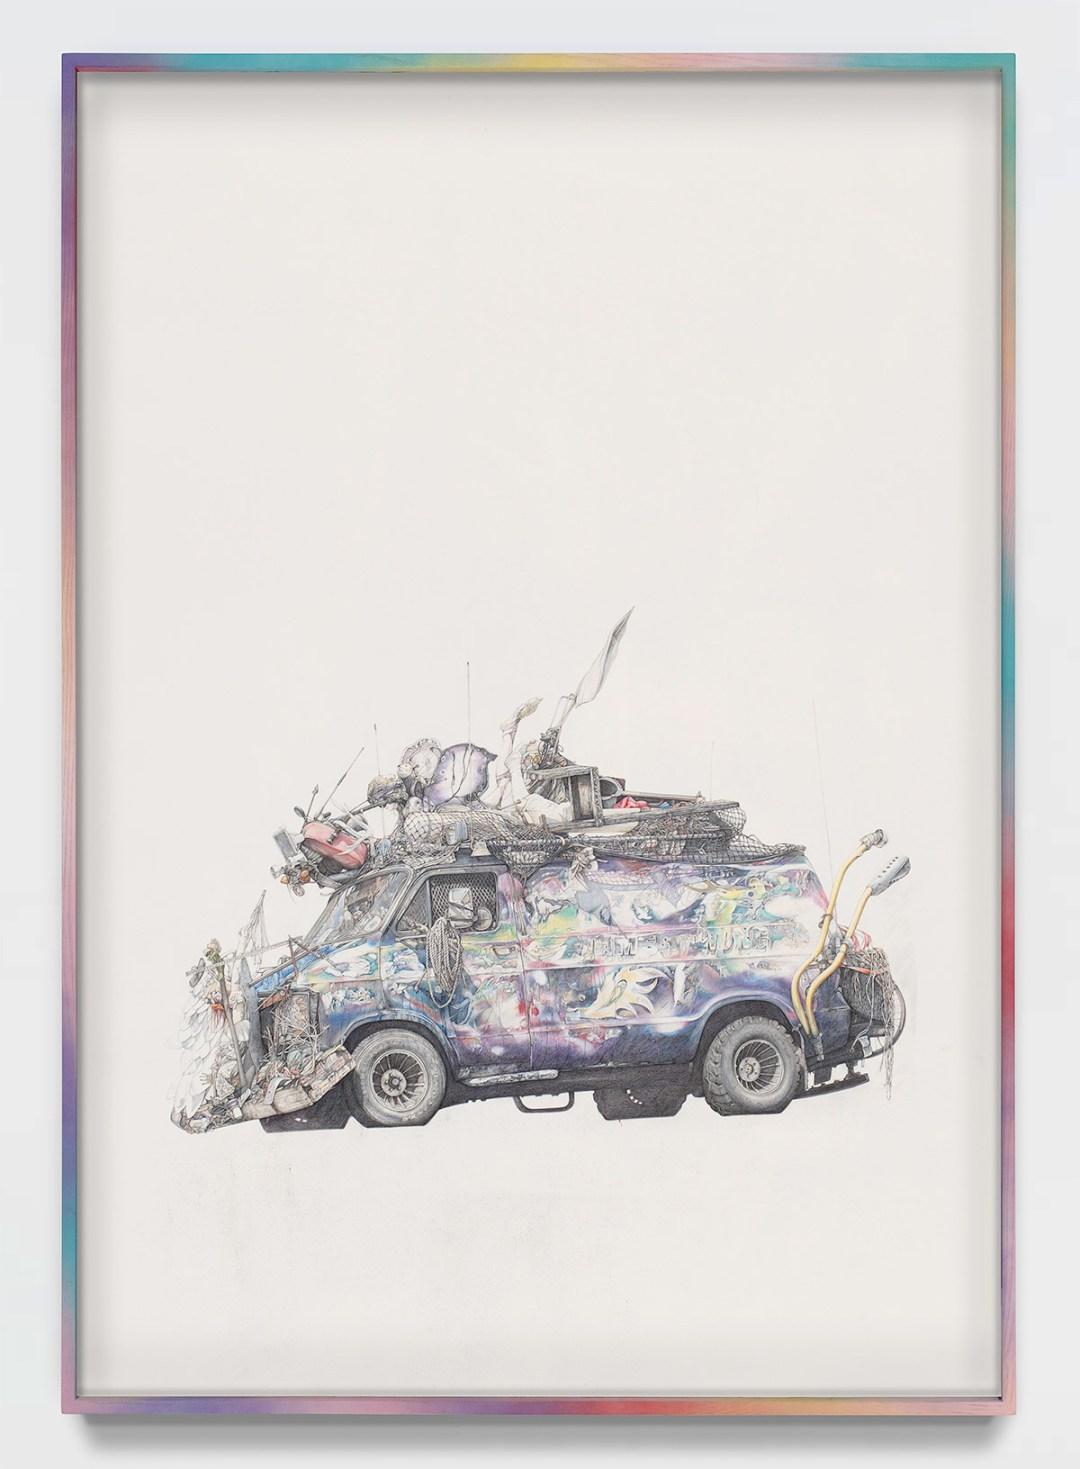 Artist Spotlight: Paul White